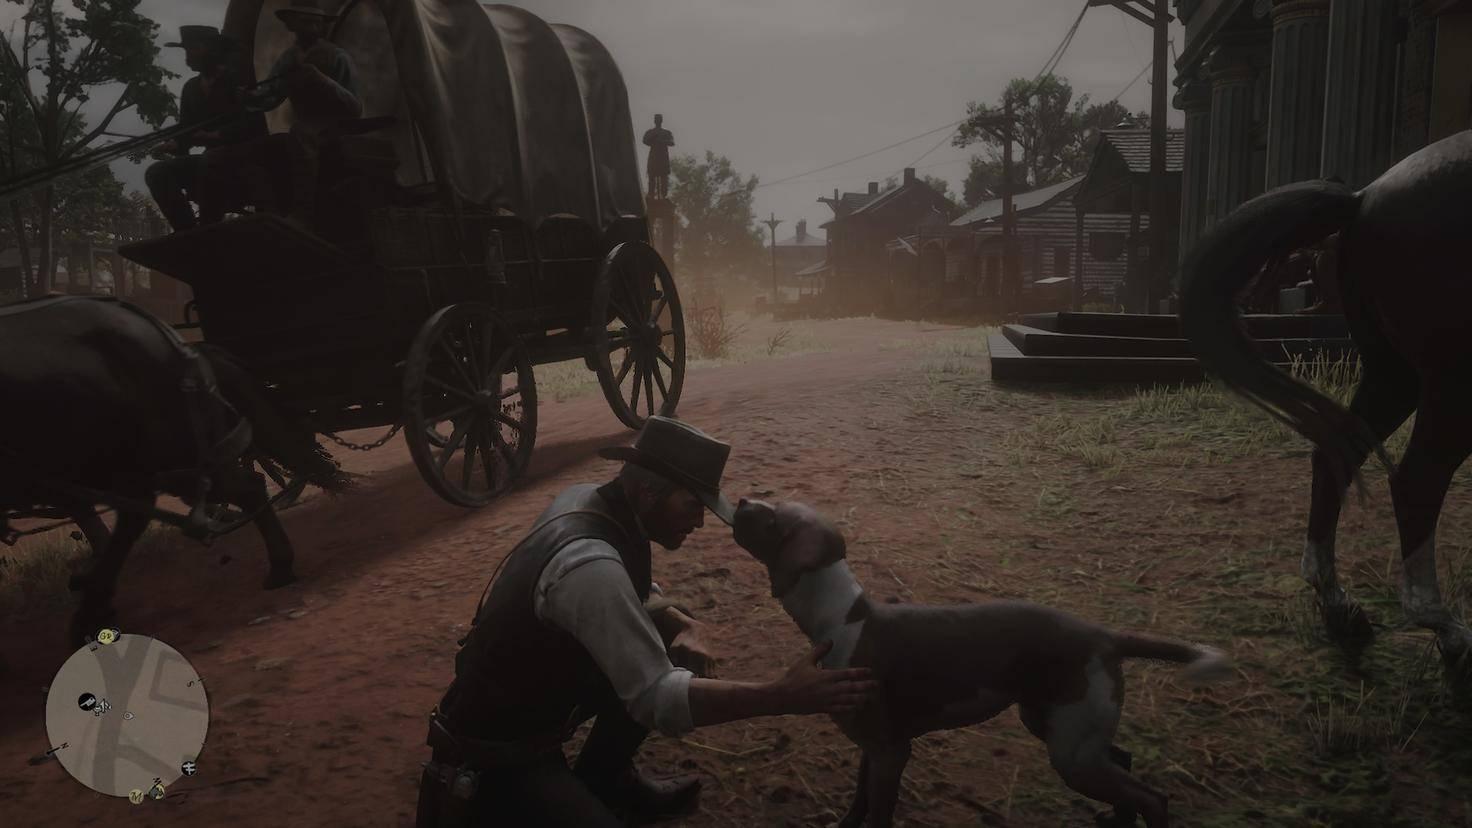 Du kannst natürlich auch freundlich mit Tieren agieren.